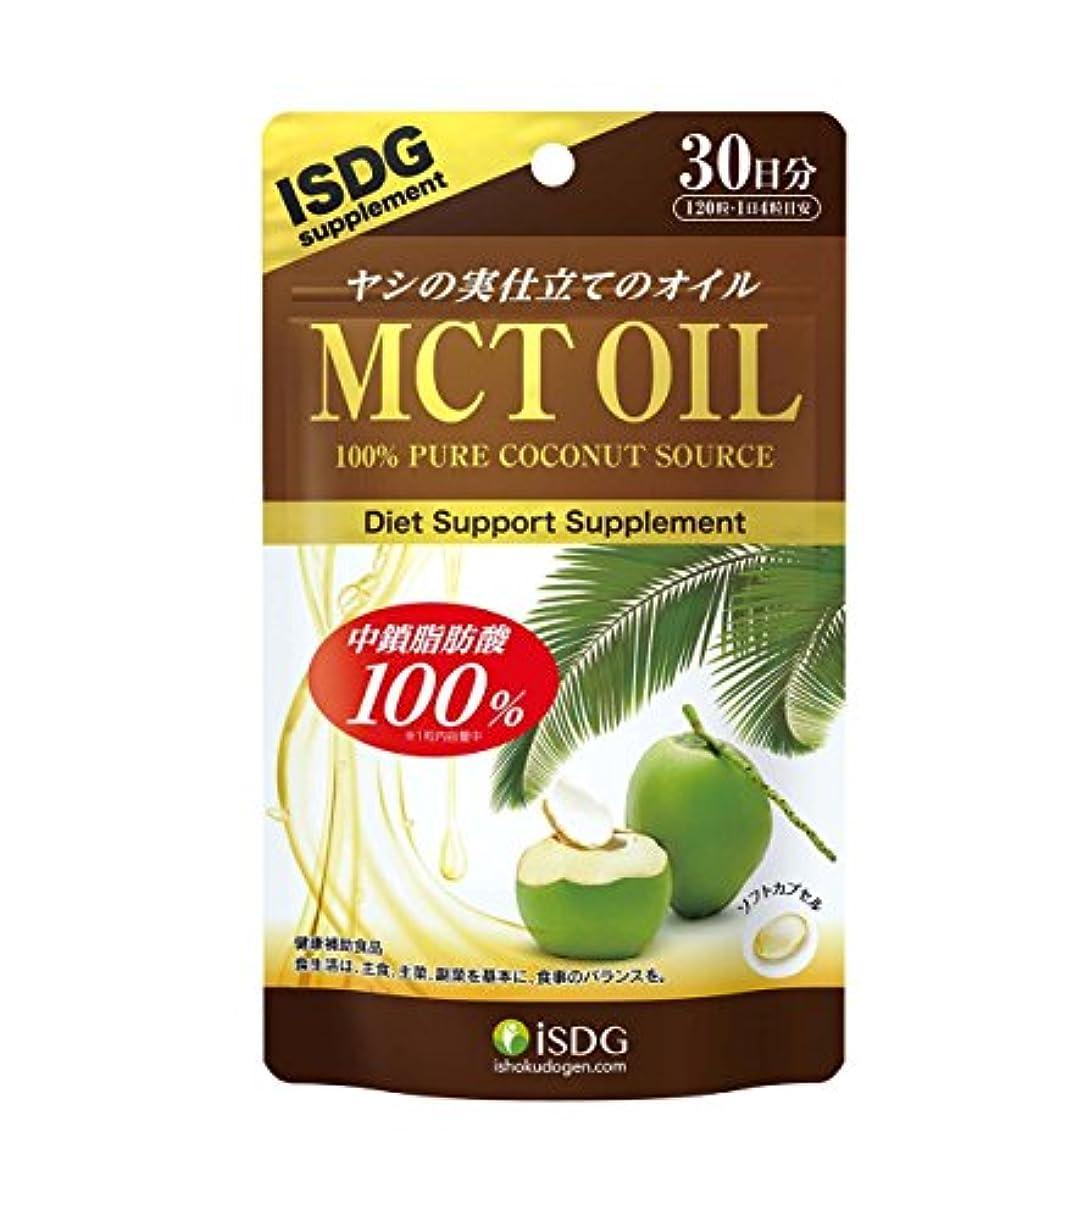 メディカル拮抗本土ISDG MCTオイル粒 120粒/1日4粒目安 ヤシの実仕立てのオイル